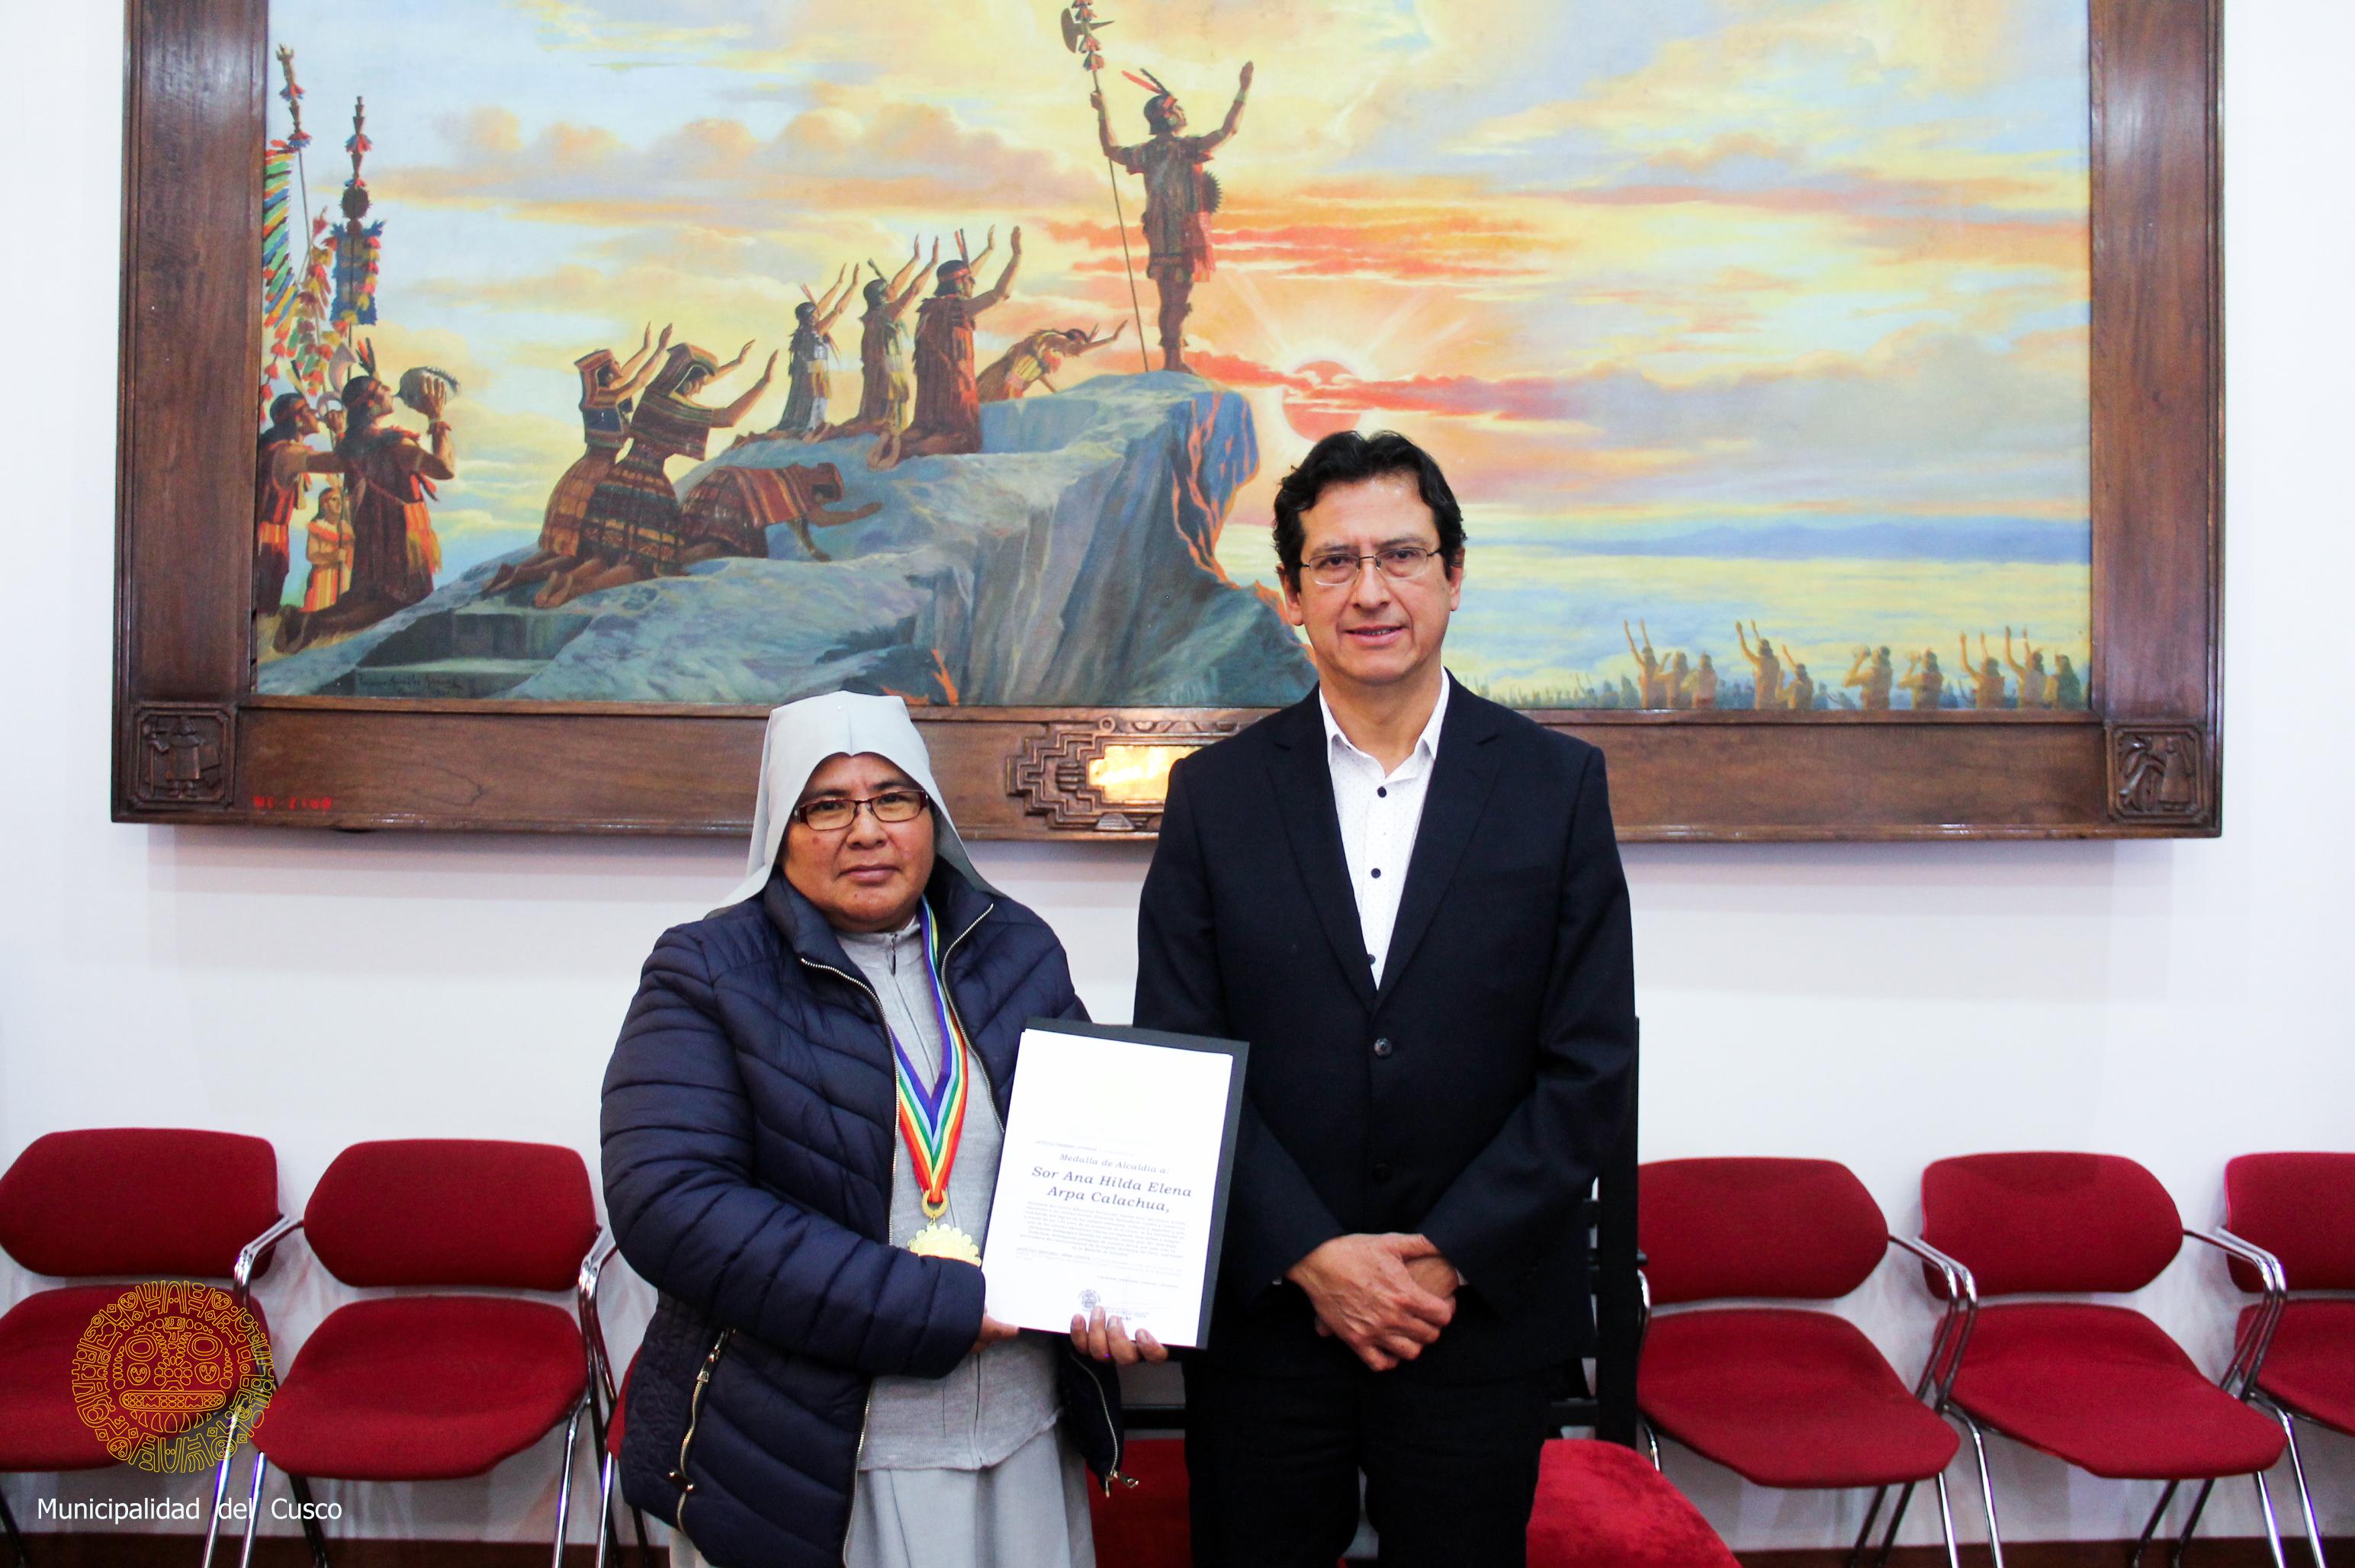 MEDALLA DE ALCALDÍA PARA DIRECTORA DEL COLEGIO SANTA ANA POR SUS 125 AÑOS DE PRESENCIA EN LA CIUDAD IMPERIAL.